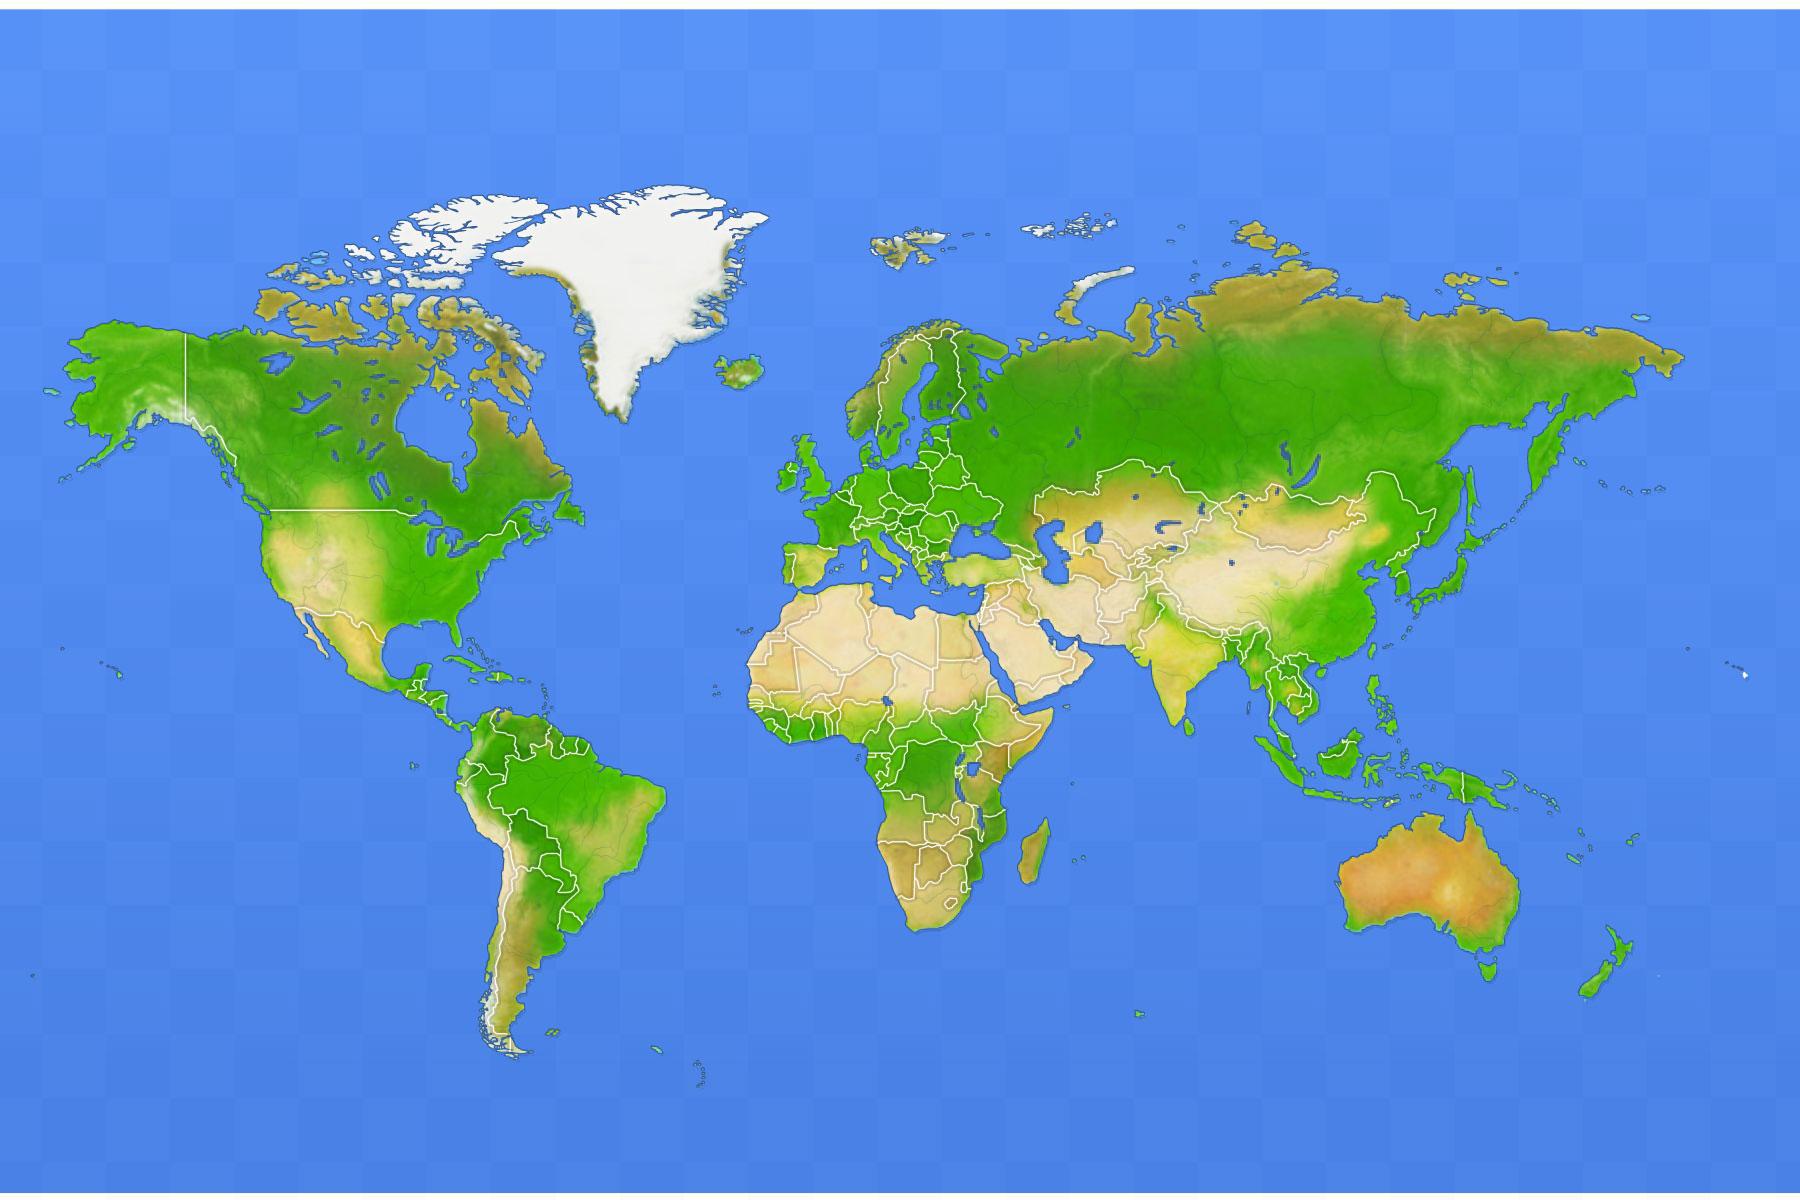 Jeux-Geographiques Jeux Gratuits Jeu Villes Du Monde Junior pour Jeu Geographie France